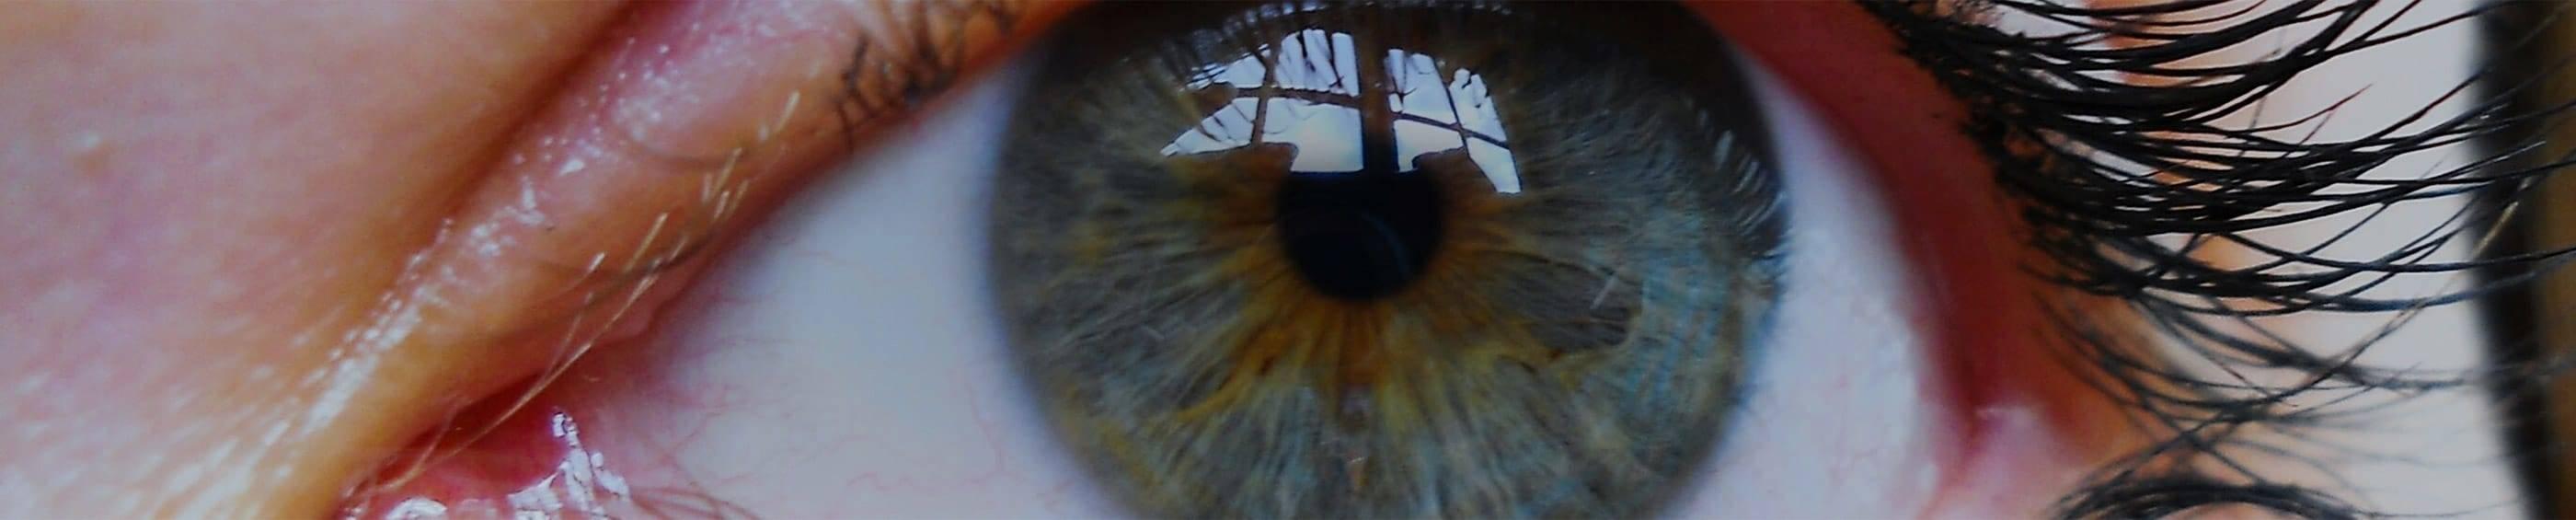 戴隱形眼鏡眼睛特寫